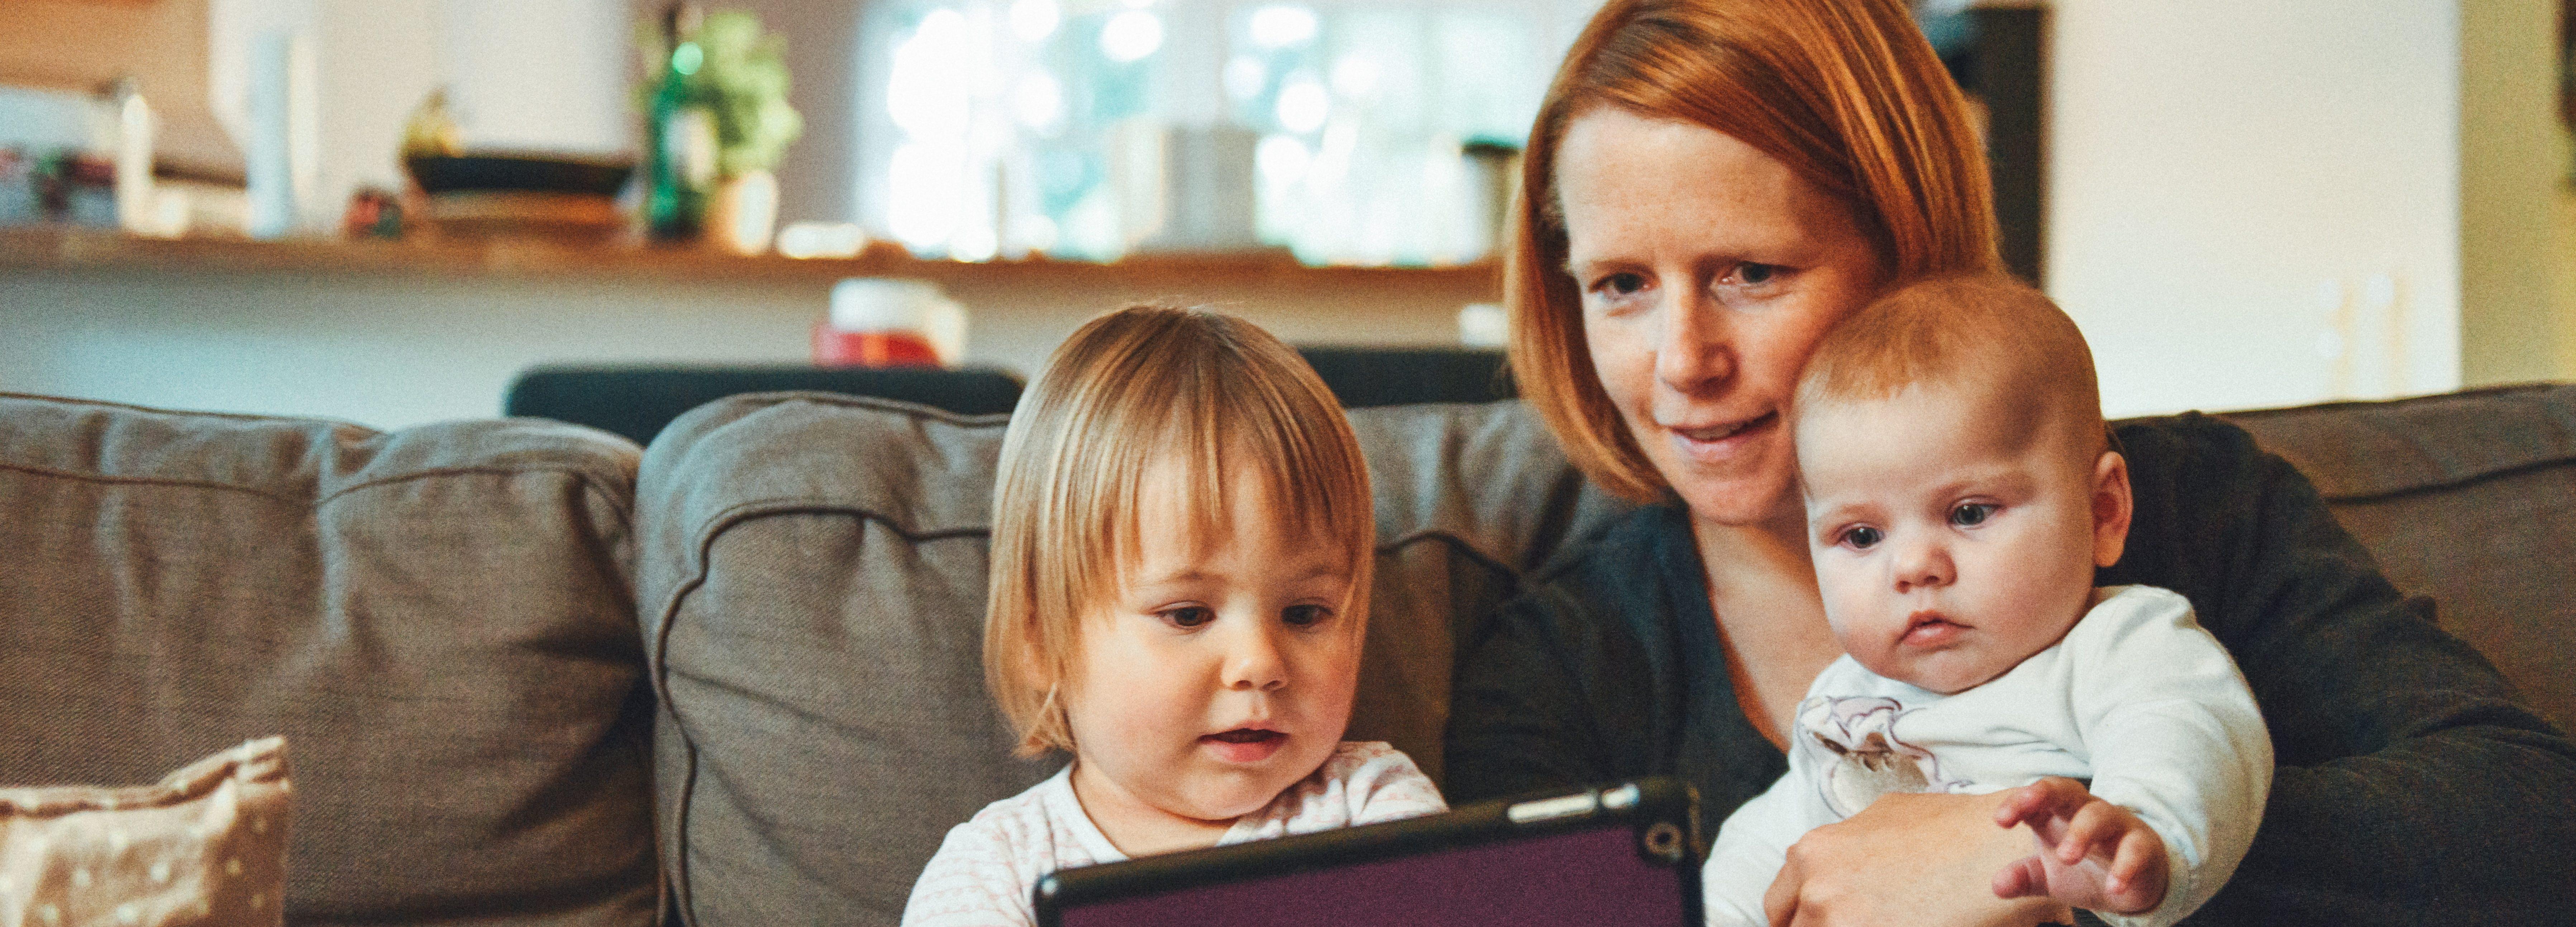 Mama pokazuje tablet dwójce dzieci /Ilustracja do tekstu: Dzieci z in vitro: co sądzą o swojej metodzie poczęcia?